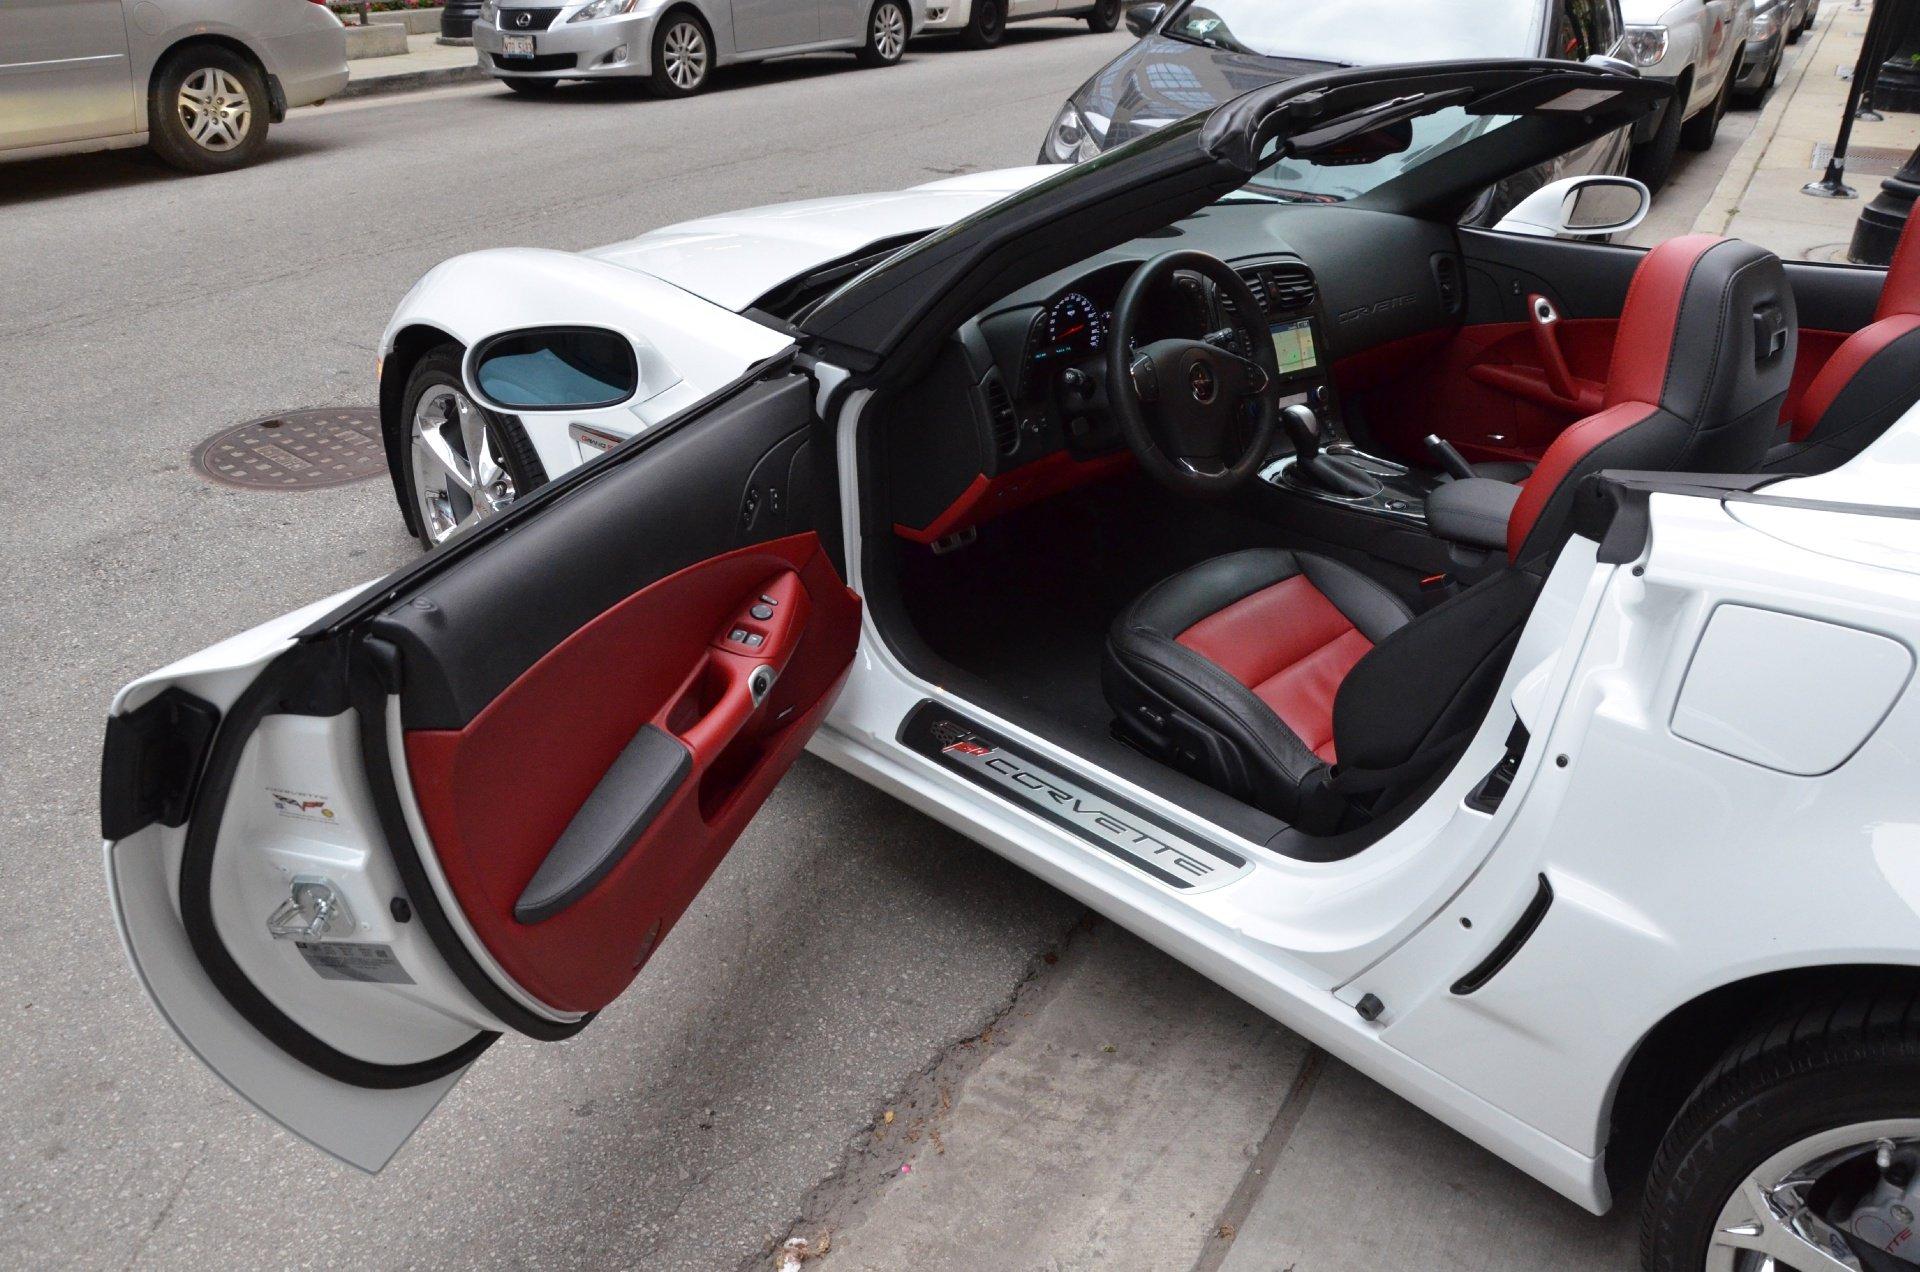 2013 Corvette White